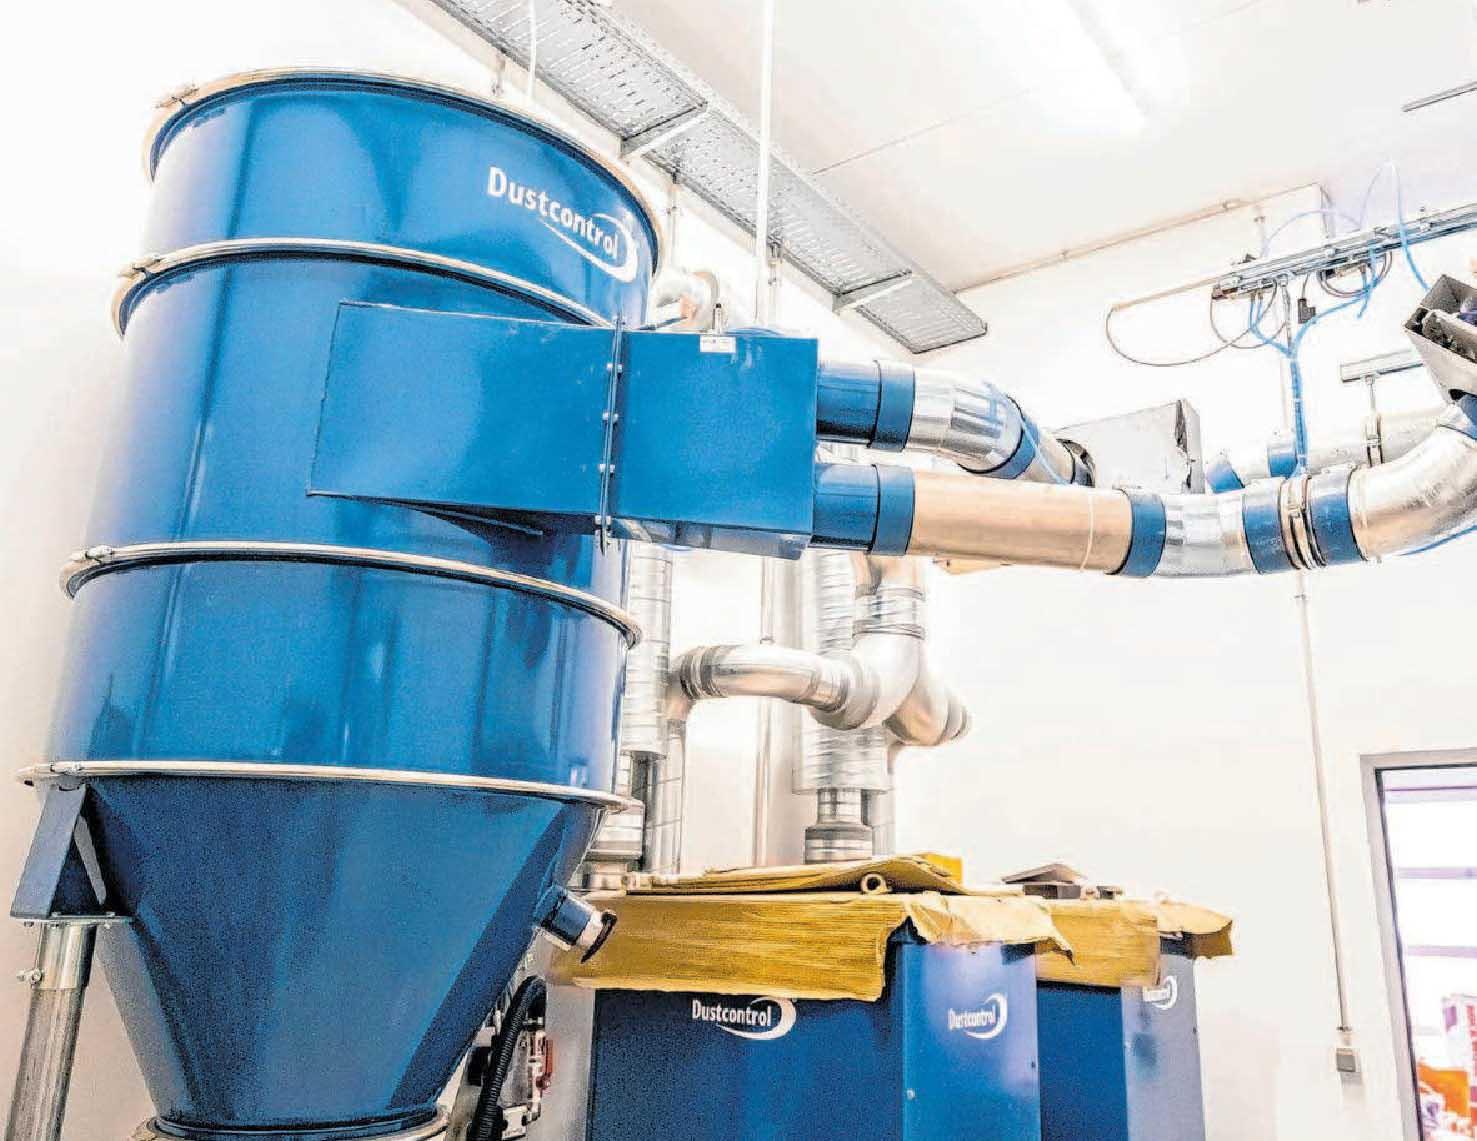 Schonend zur Umwelt: Die Betreiber legen Wert auf Nachhaltigkeit. So wird zum Beispiel das Wasser aufgearbeitet und wieder verwendet.